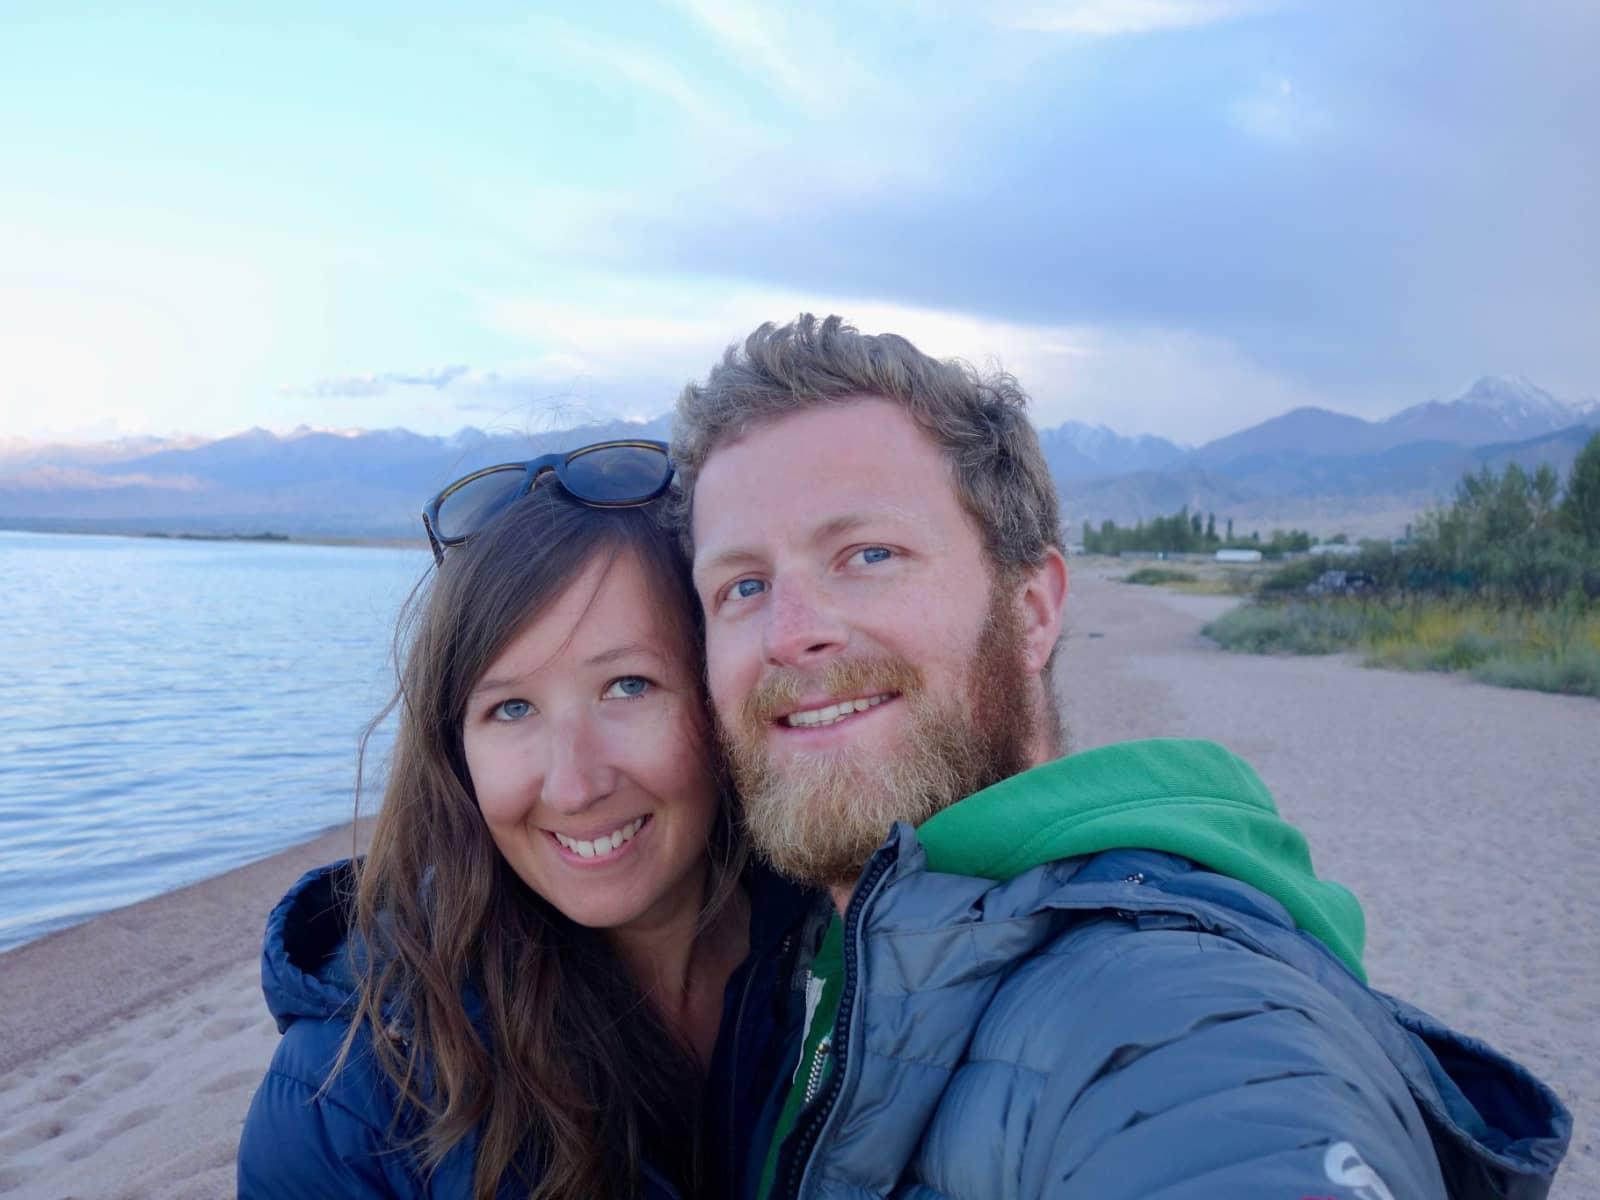 Laura & Matt from Manchester, United Kingdom